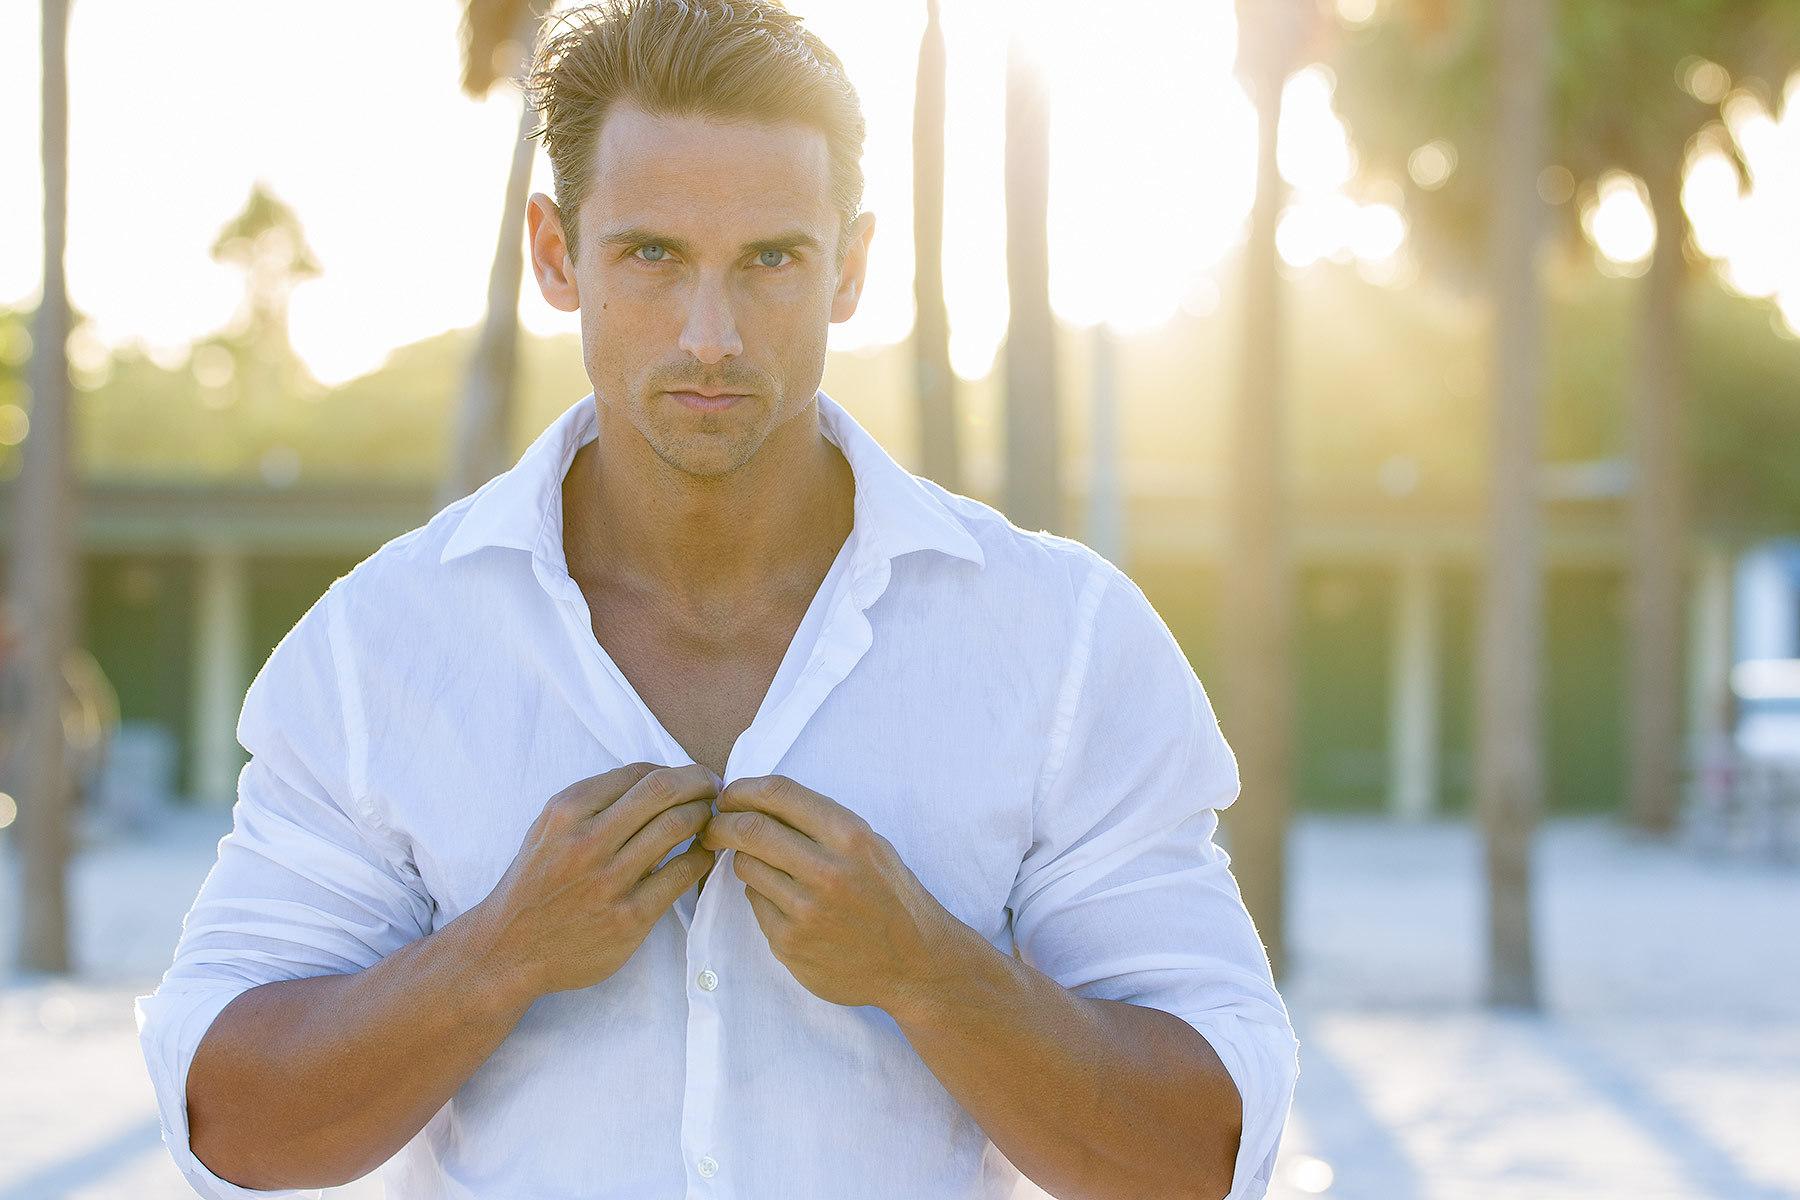 Современная индустрия моды продвинулась намного вперед, и белая мужская рубашка может существовать н